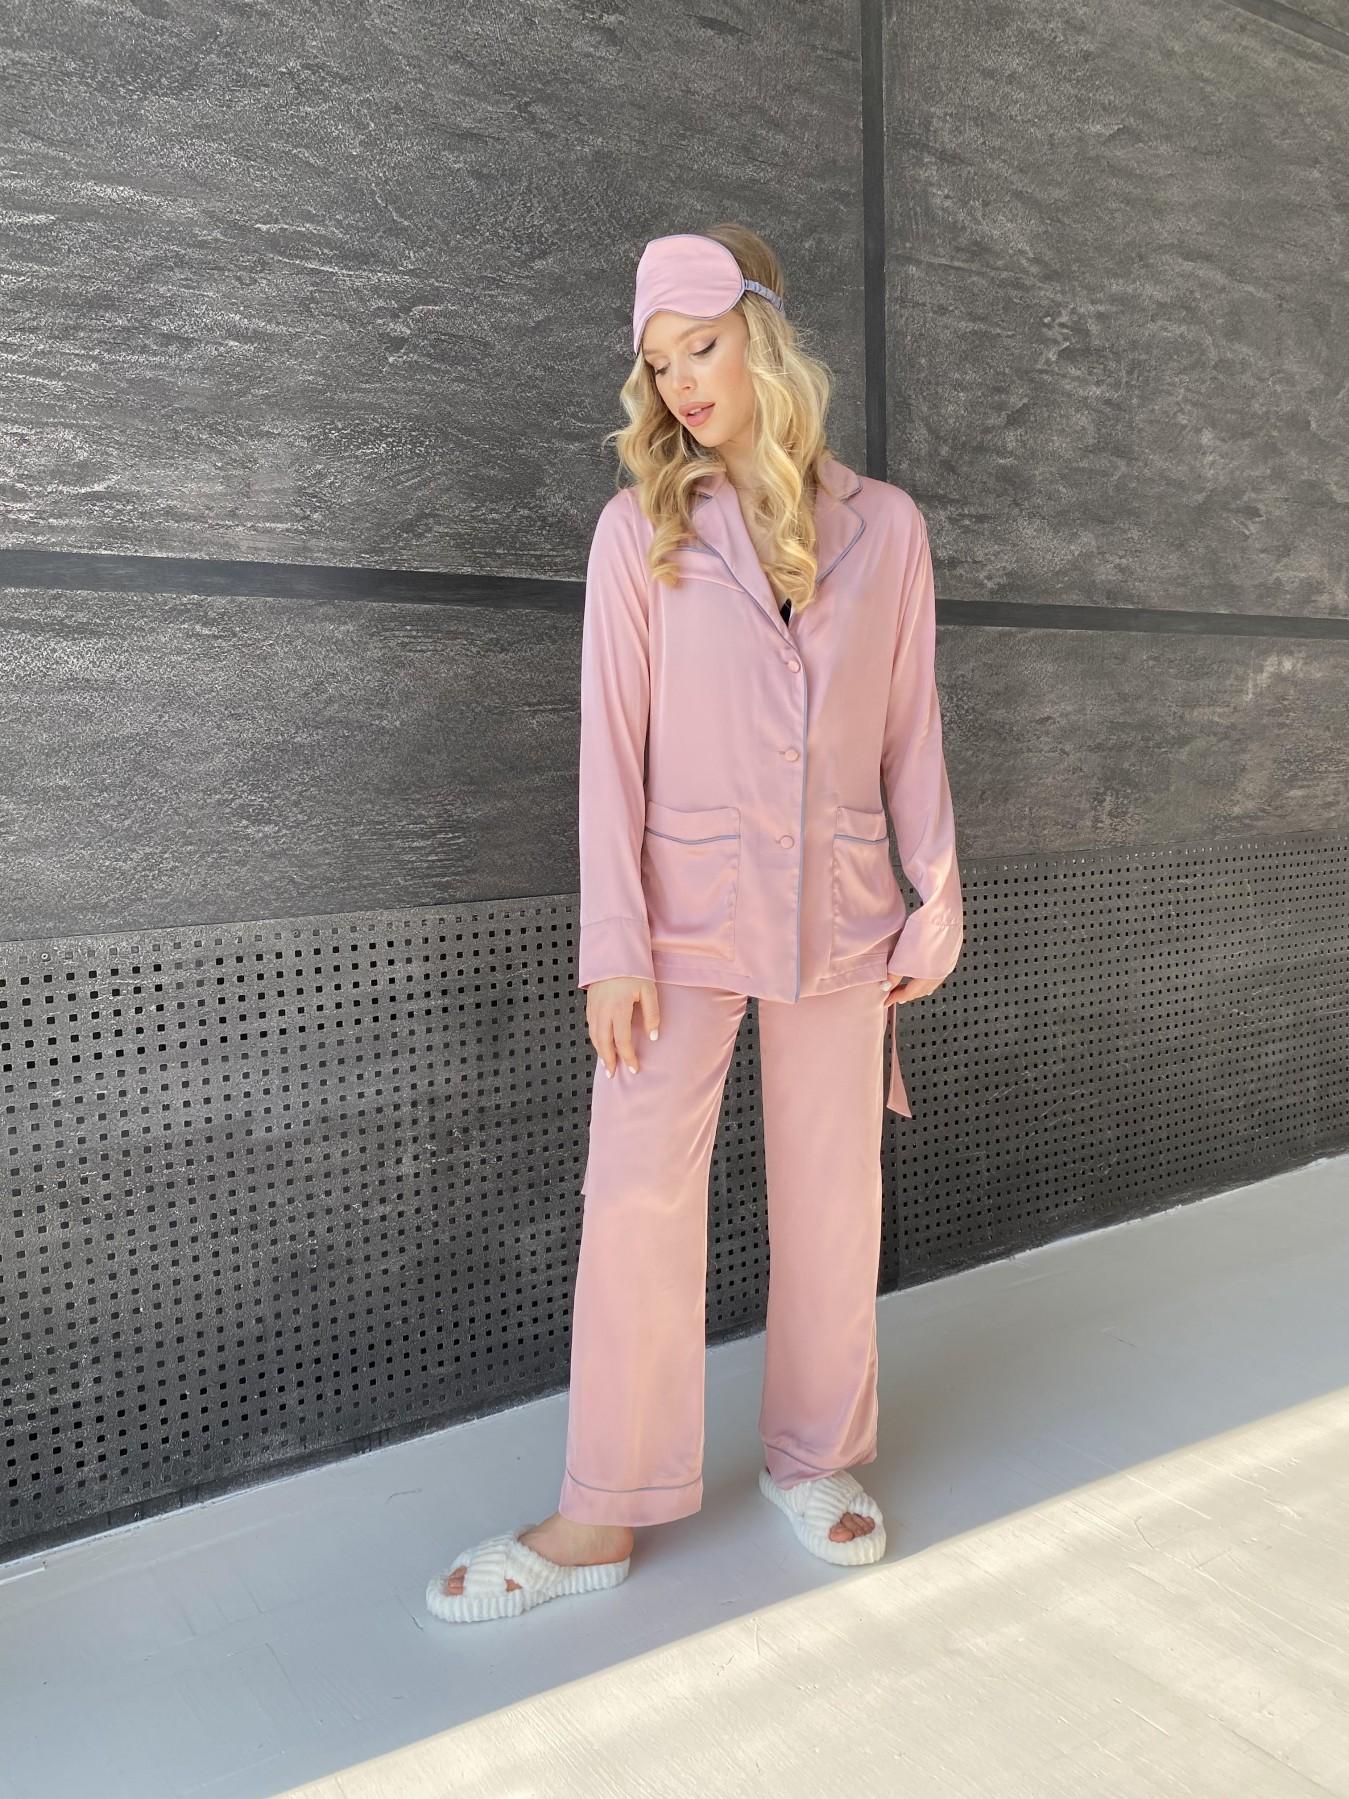 Шайн костюм из шелка  10778 АРТ. 47213 Цвет: Розовый - фото 6, интернет магазин tm-modus.ru